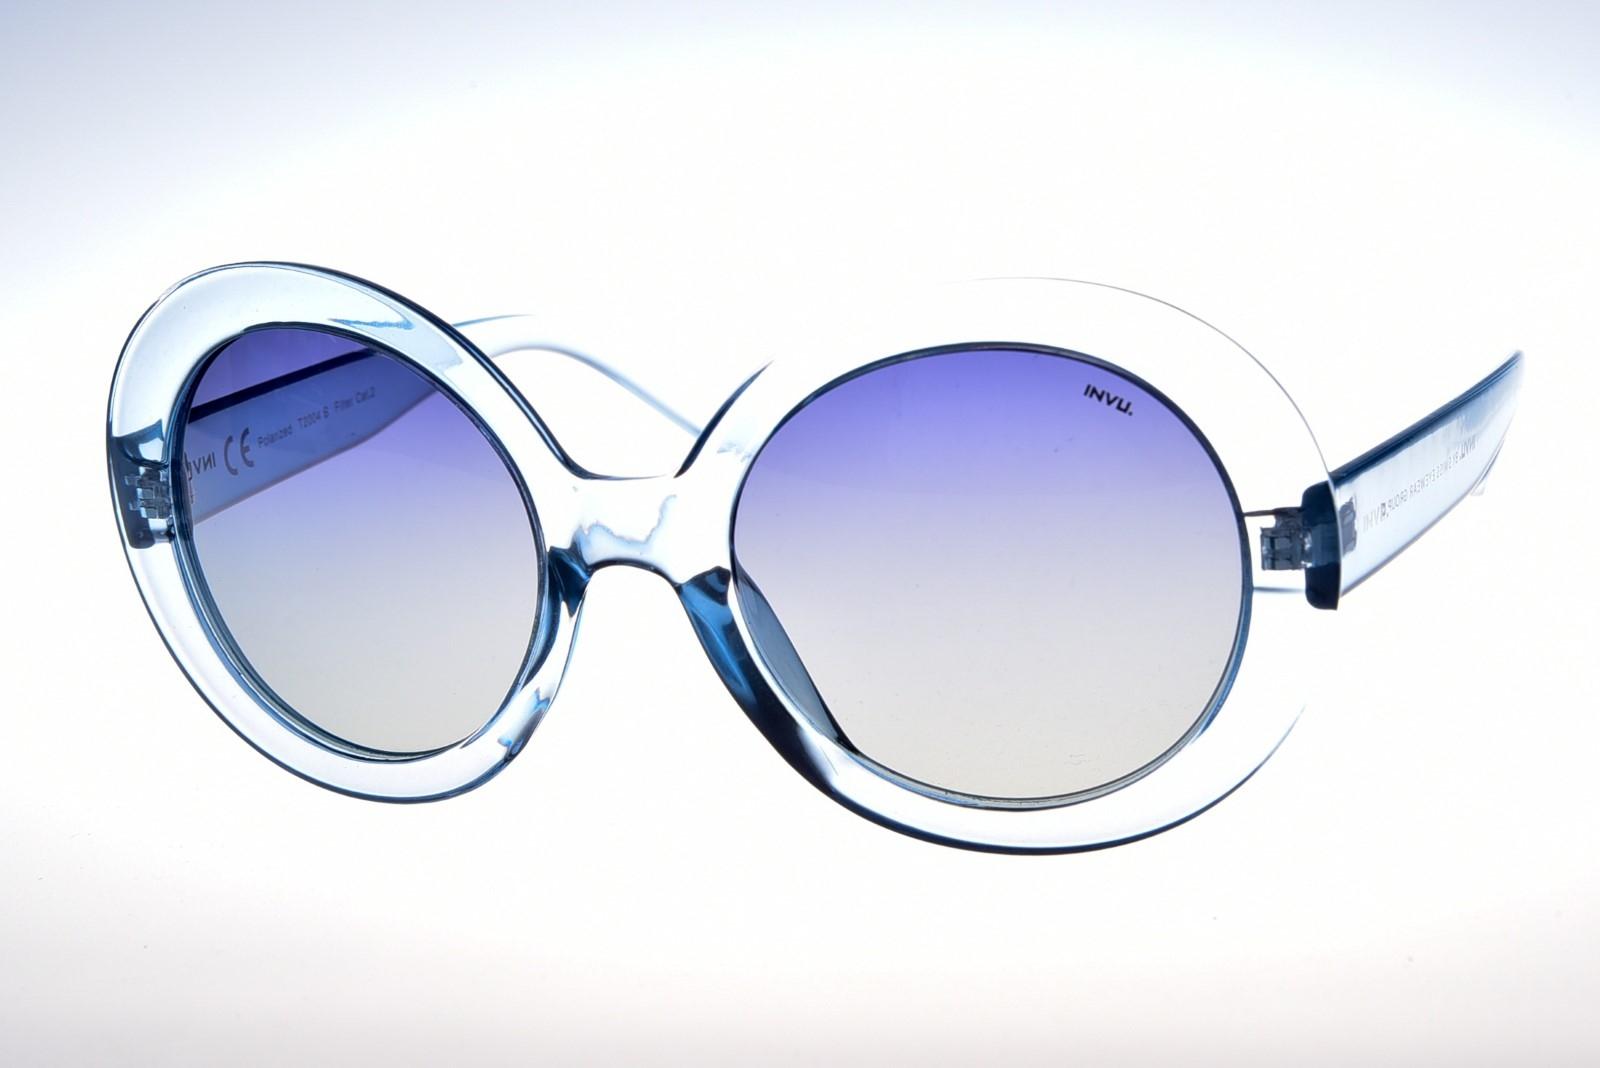 INVU. Trend T2004B - Dámske slnečné okuliare